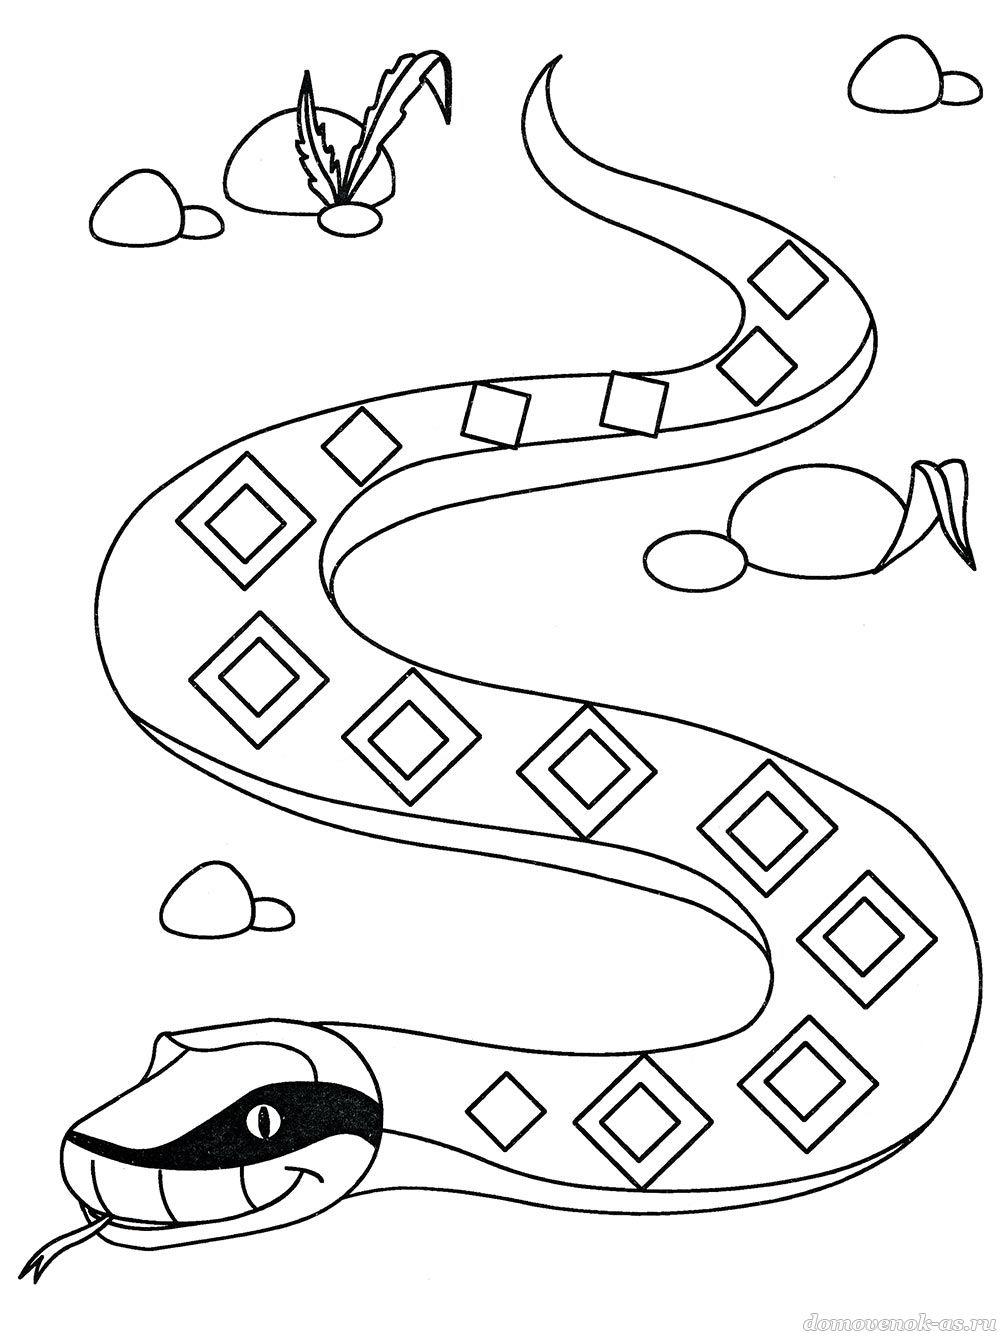 Раскраска для детей 3-5 лет